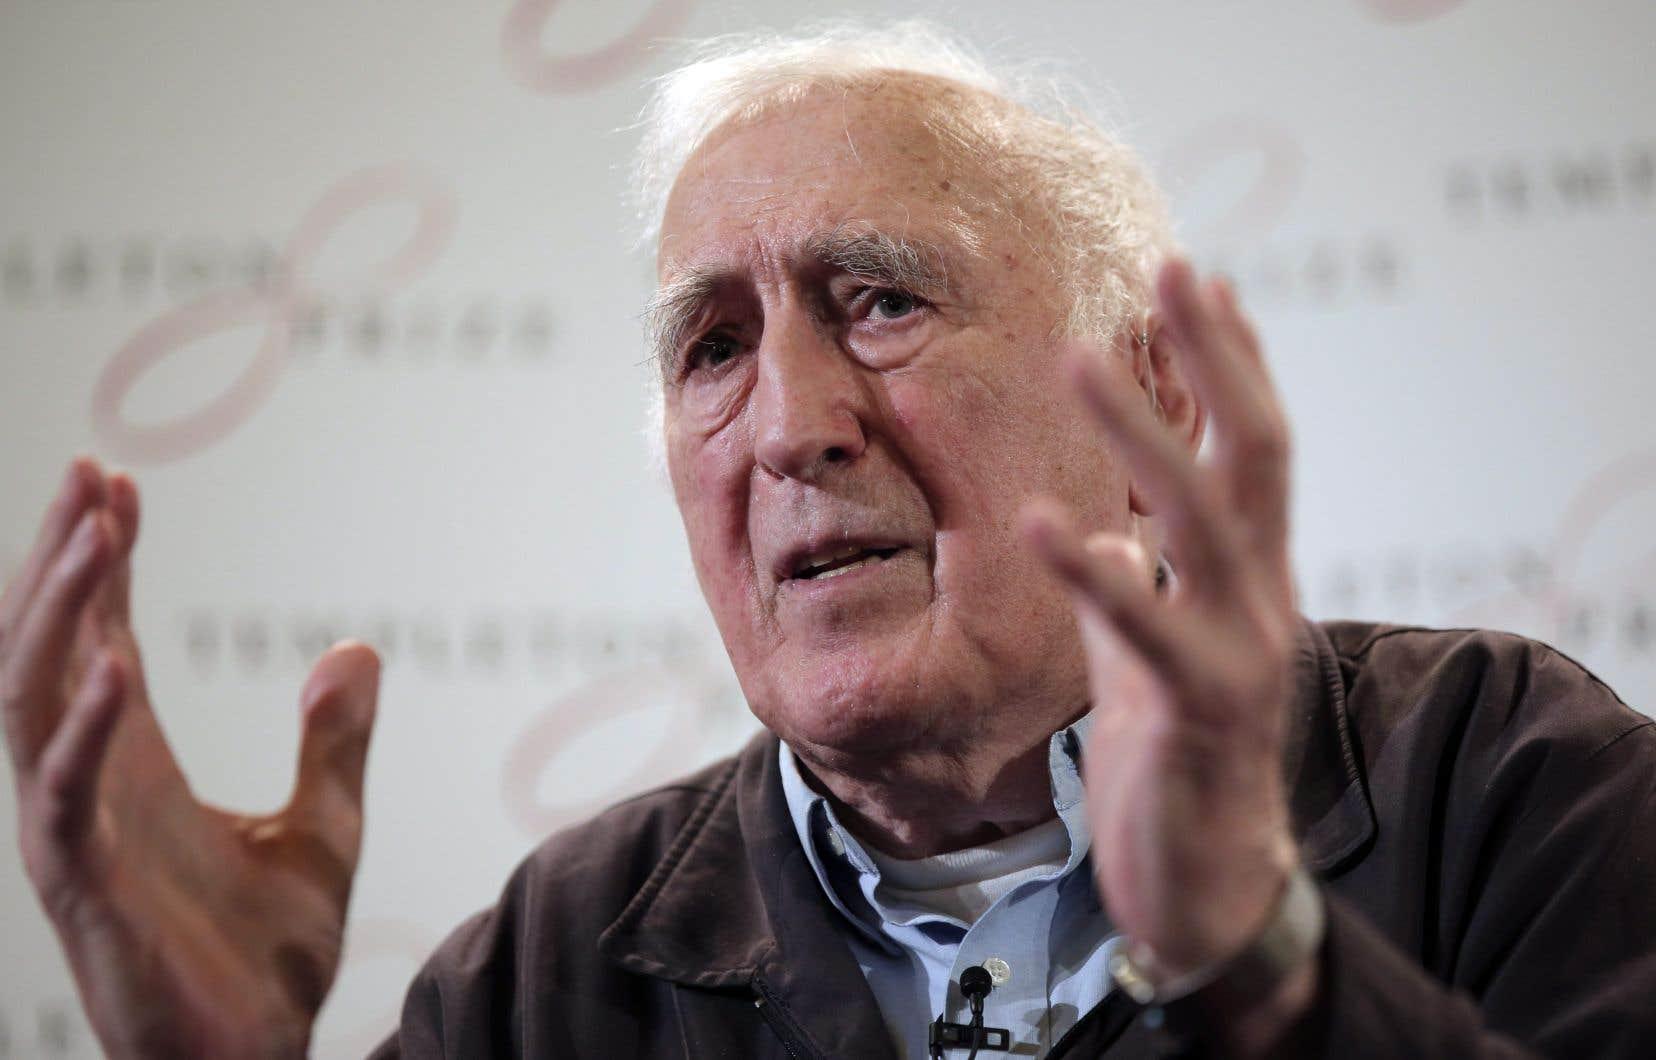 Selon les résultats d'une enquête commandée par les responsables de L'Arche internationale, Jean Vanier a eu des «relations sexuelles manipulatrices» avec au moins six femmes entre 1970 et 2005.